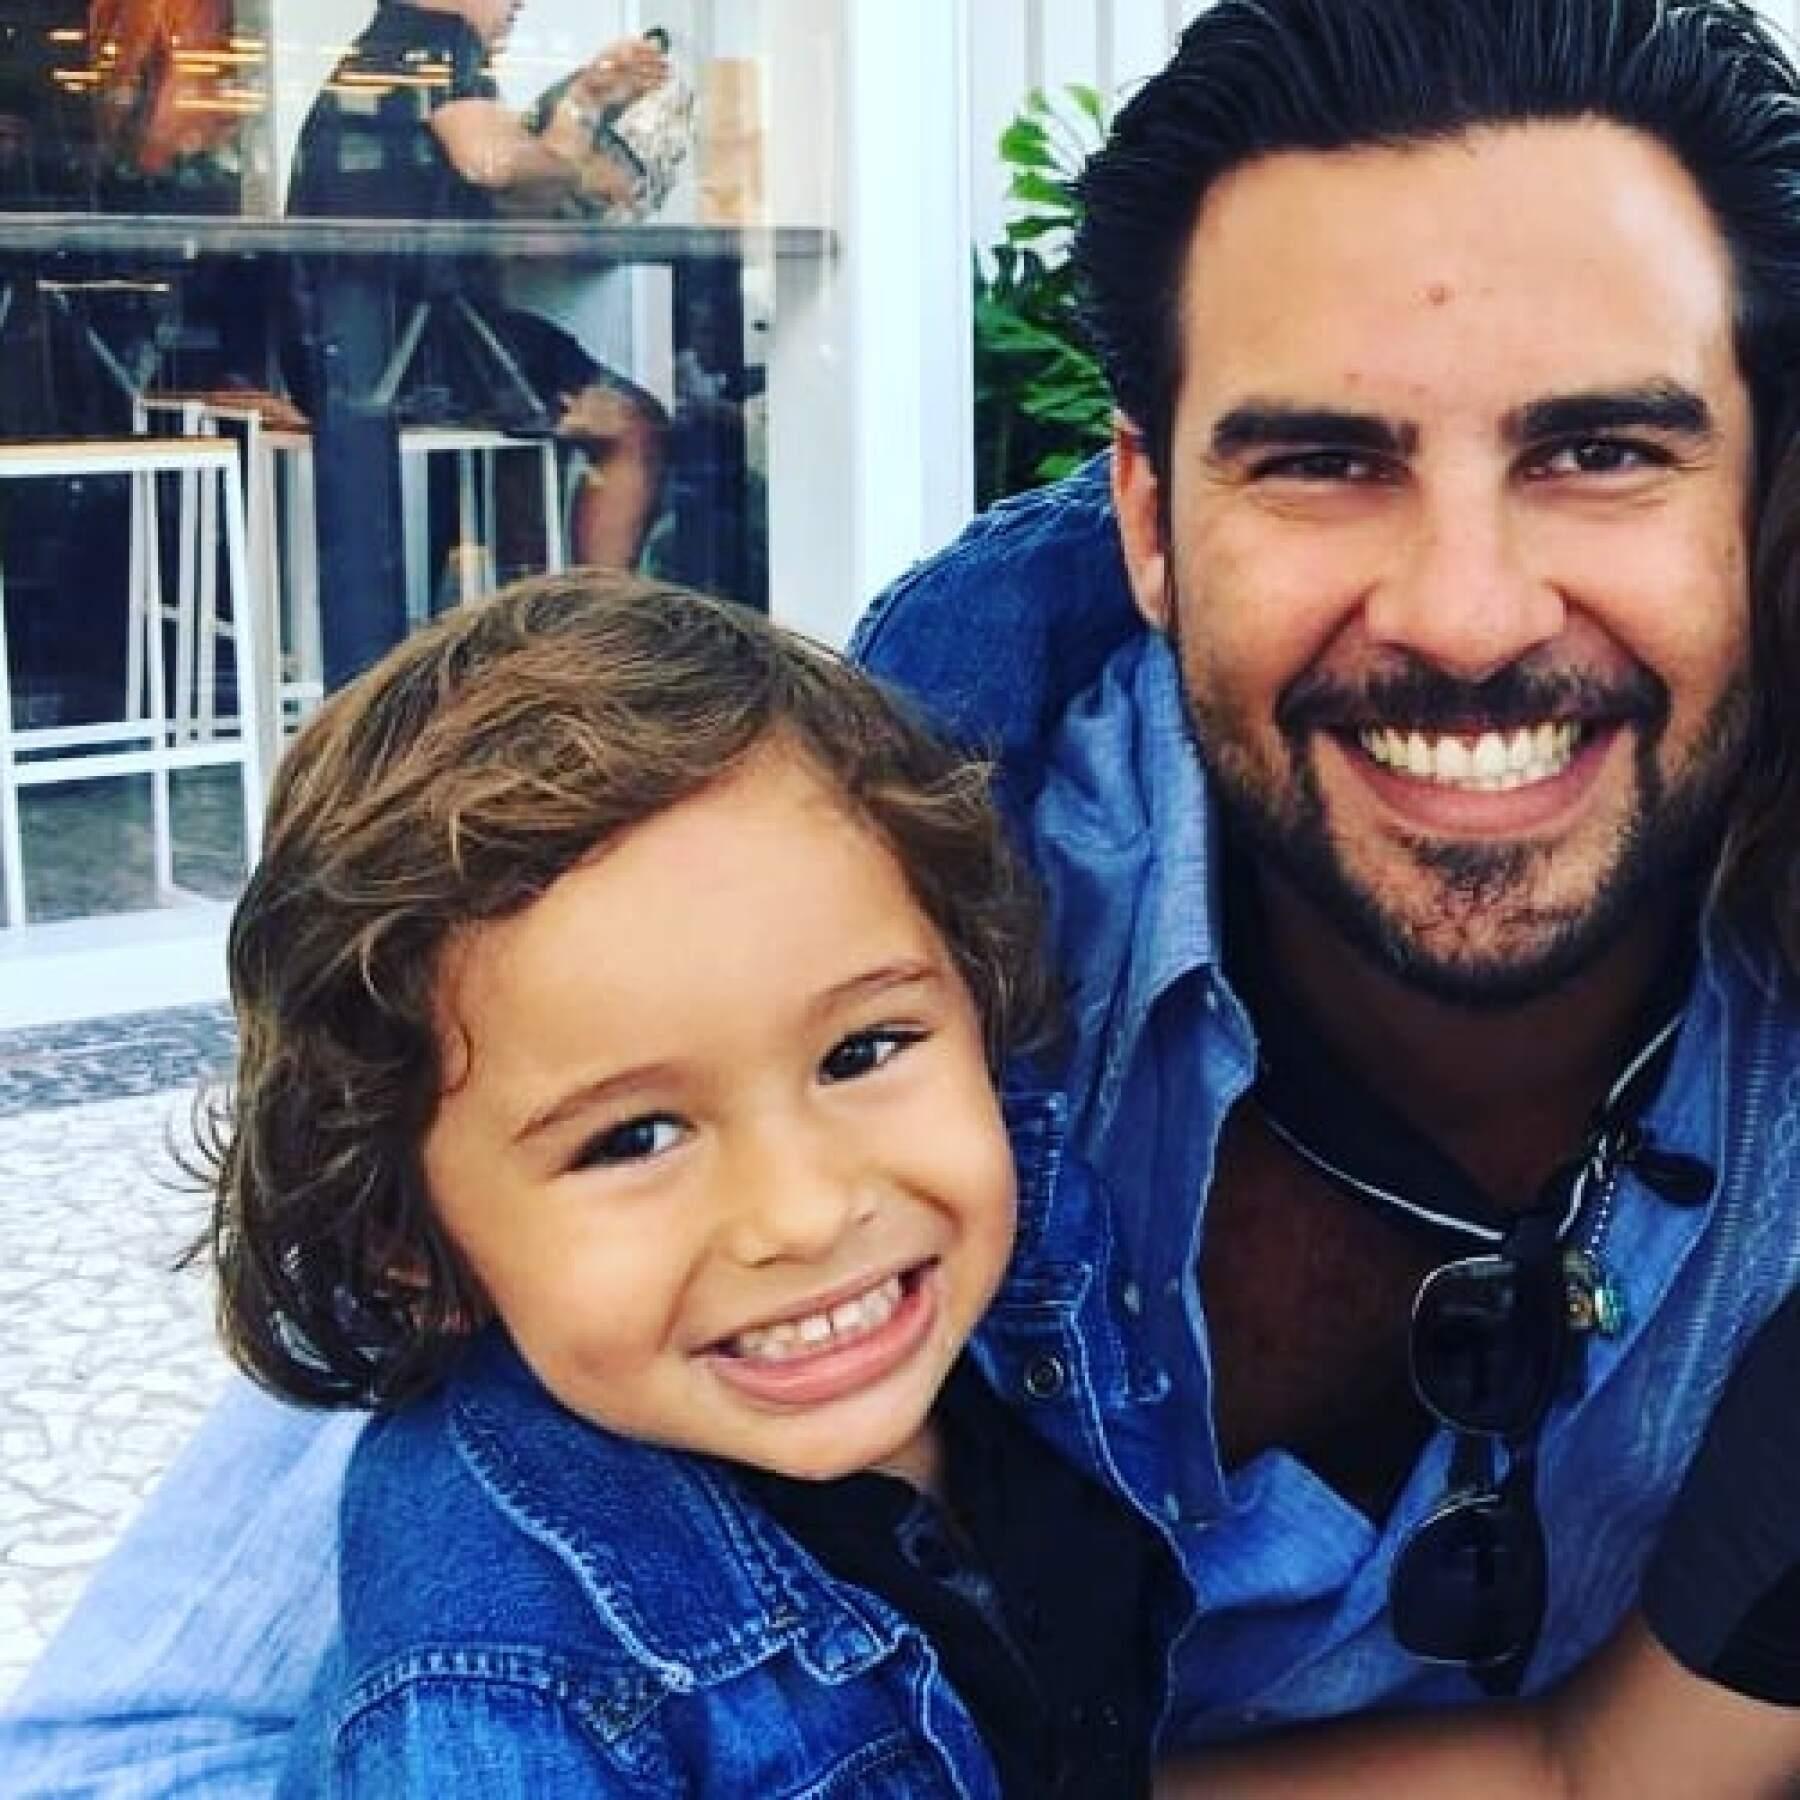 Por fin, Paulina Rubio y Gerardo Bazúa llegan a un acuerdo sobre su hijo, Eros